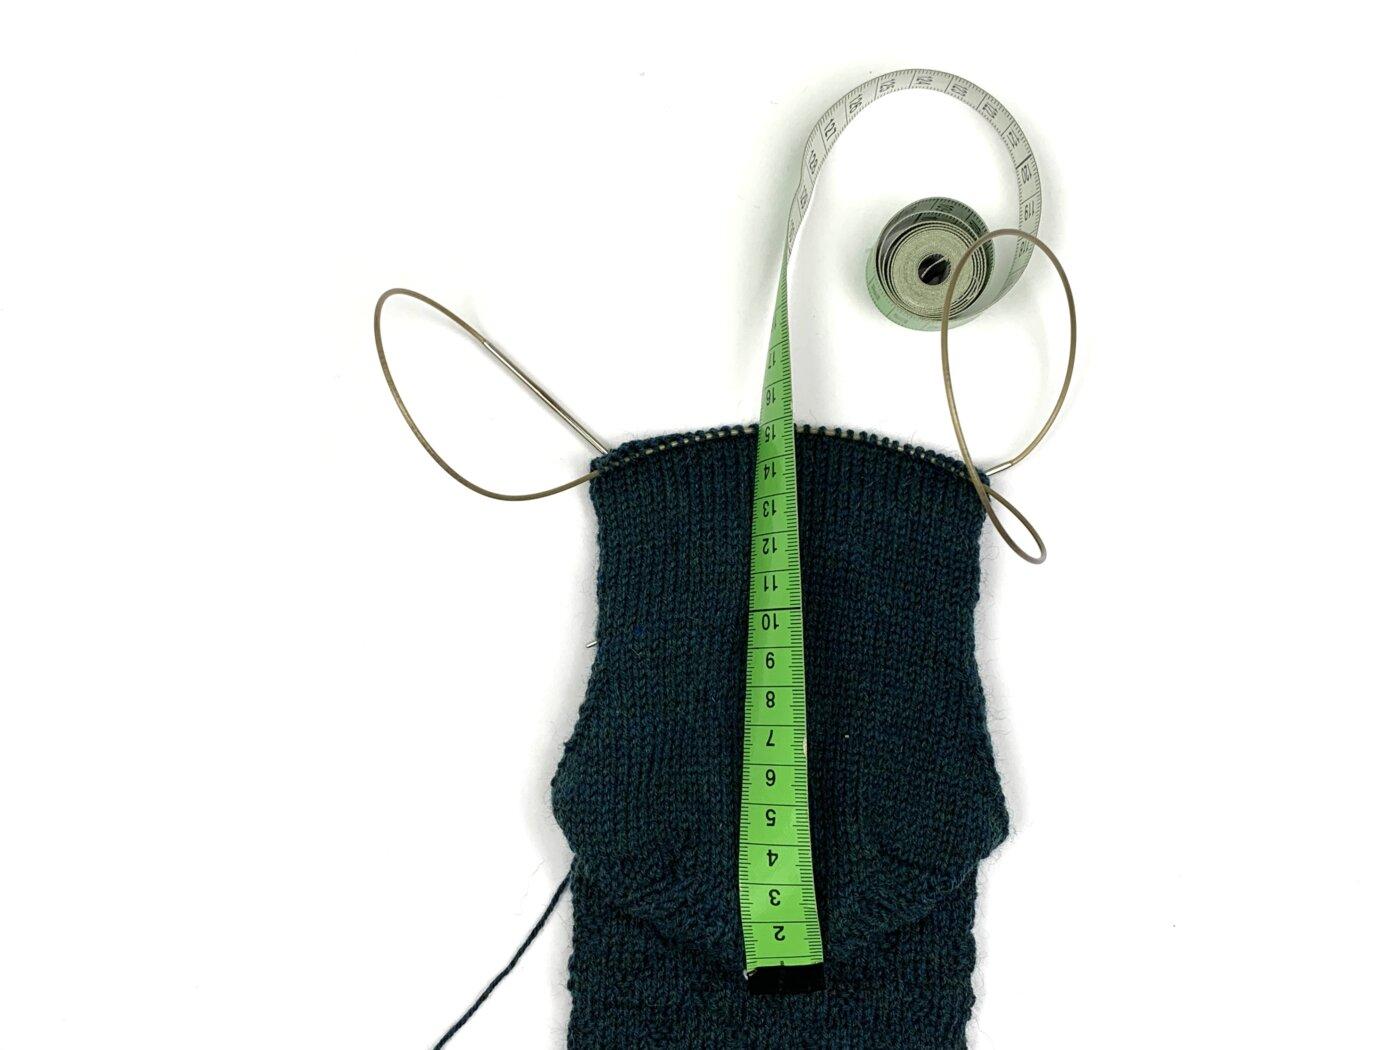 Socken werden mit dem Maßband ausgemessen